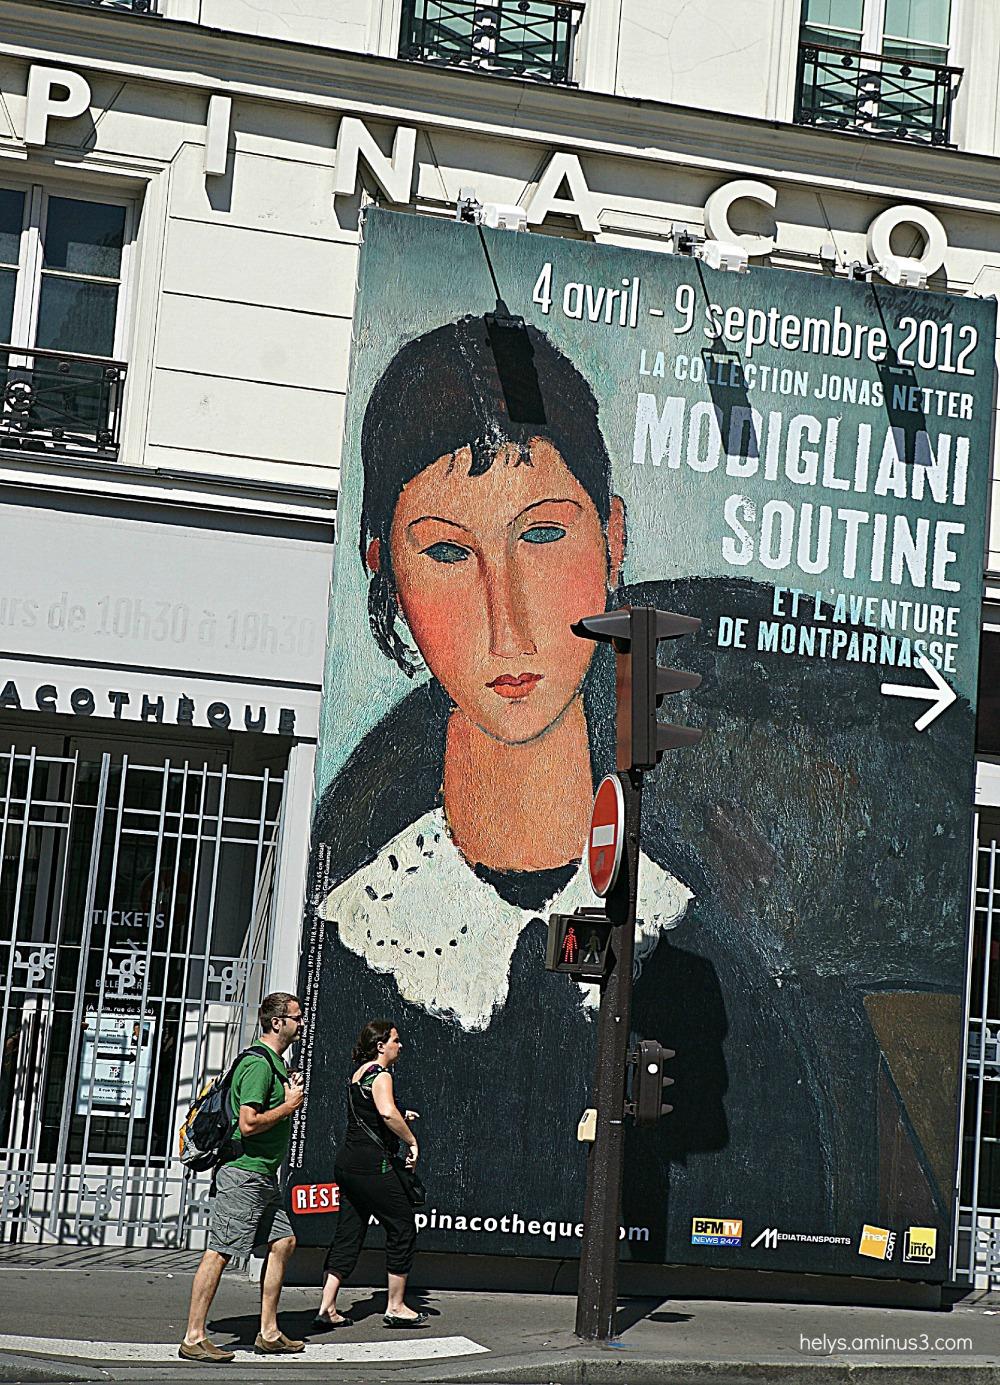 Touristes sous la publicité, Paris 2012